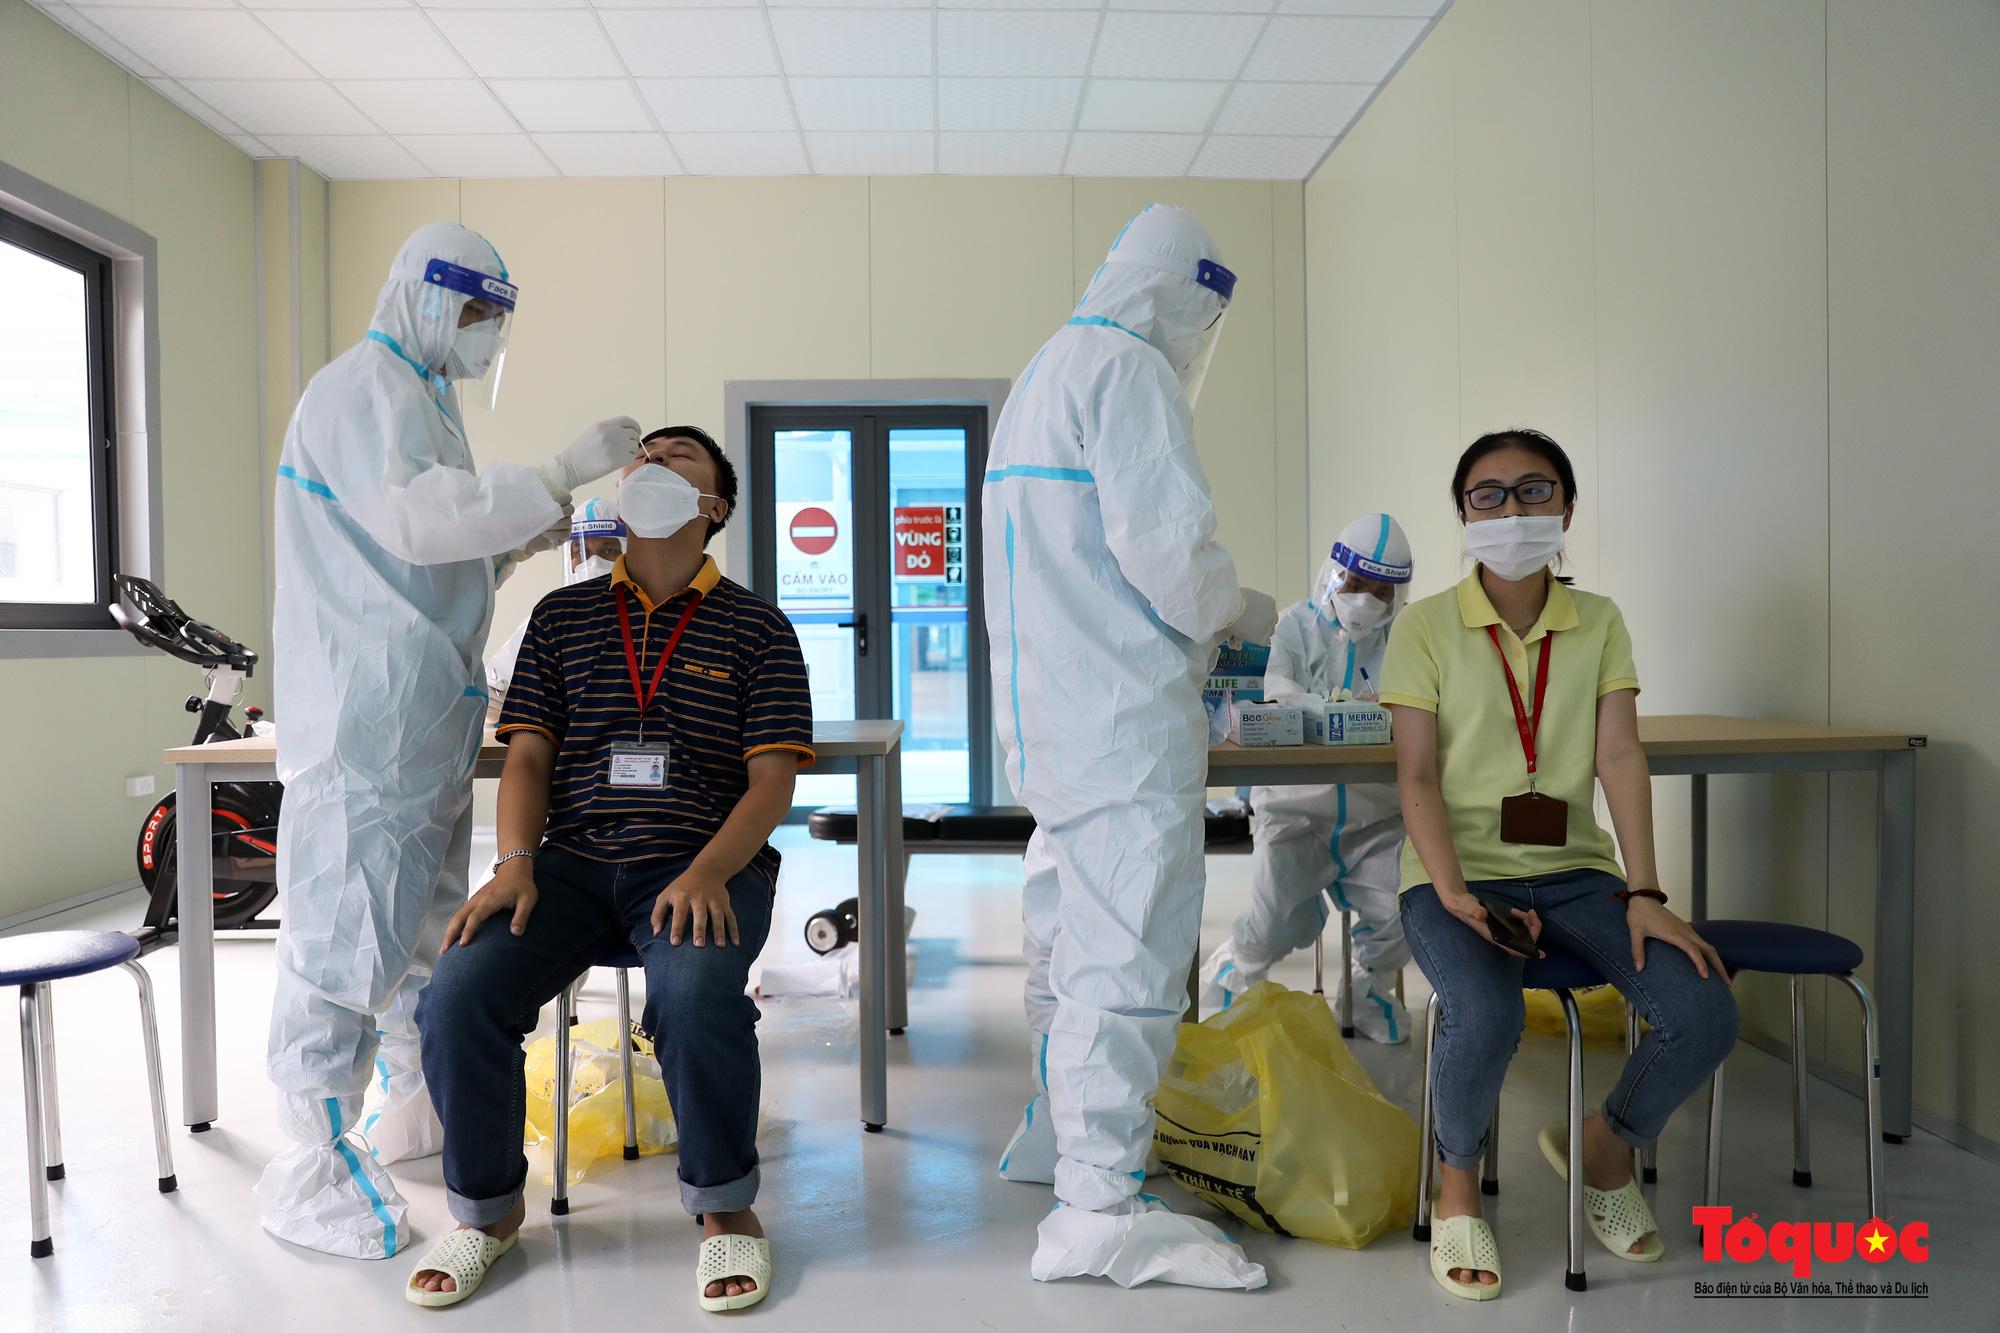 Hà Nội: Cận cảnh bên trong khu điều trị hiện đại của Bệnh viện điều trị người bệnh Covid 19  - Ảnh 23.